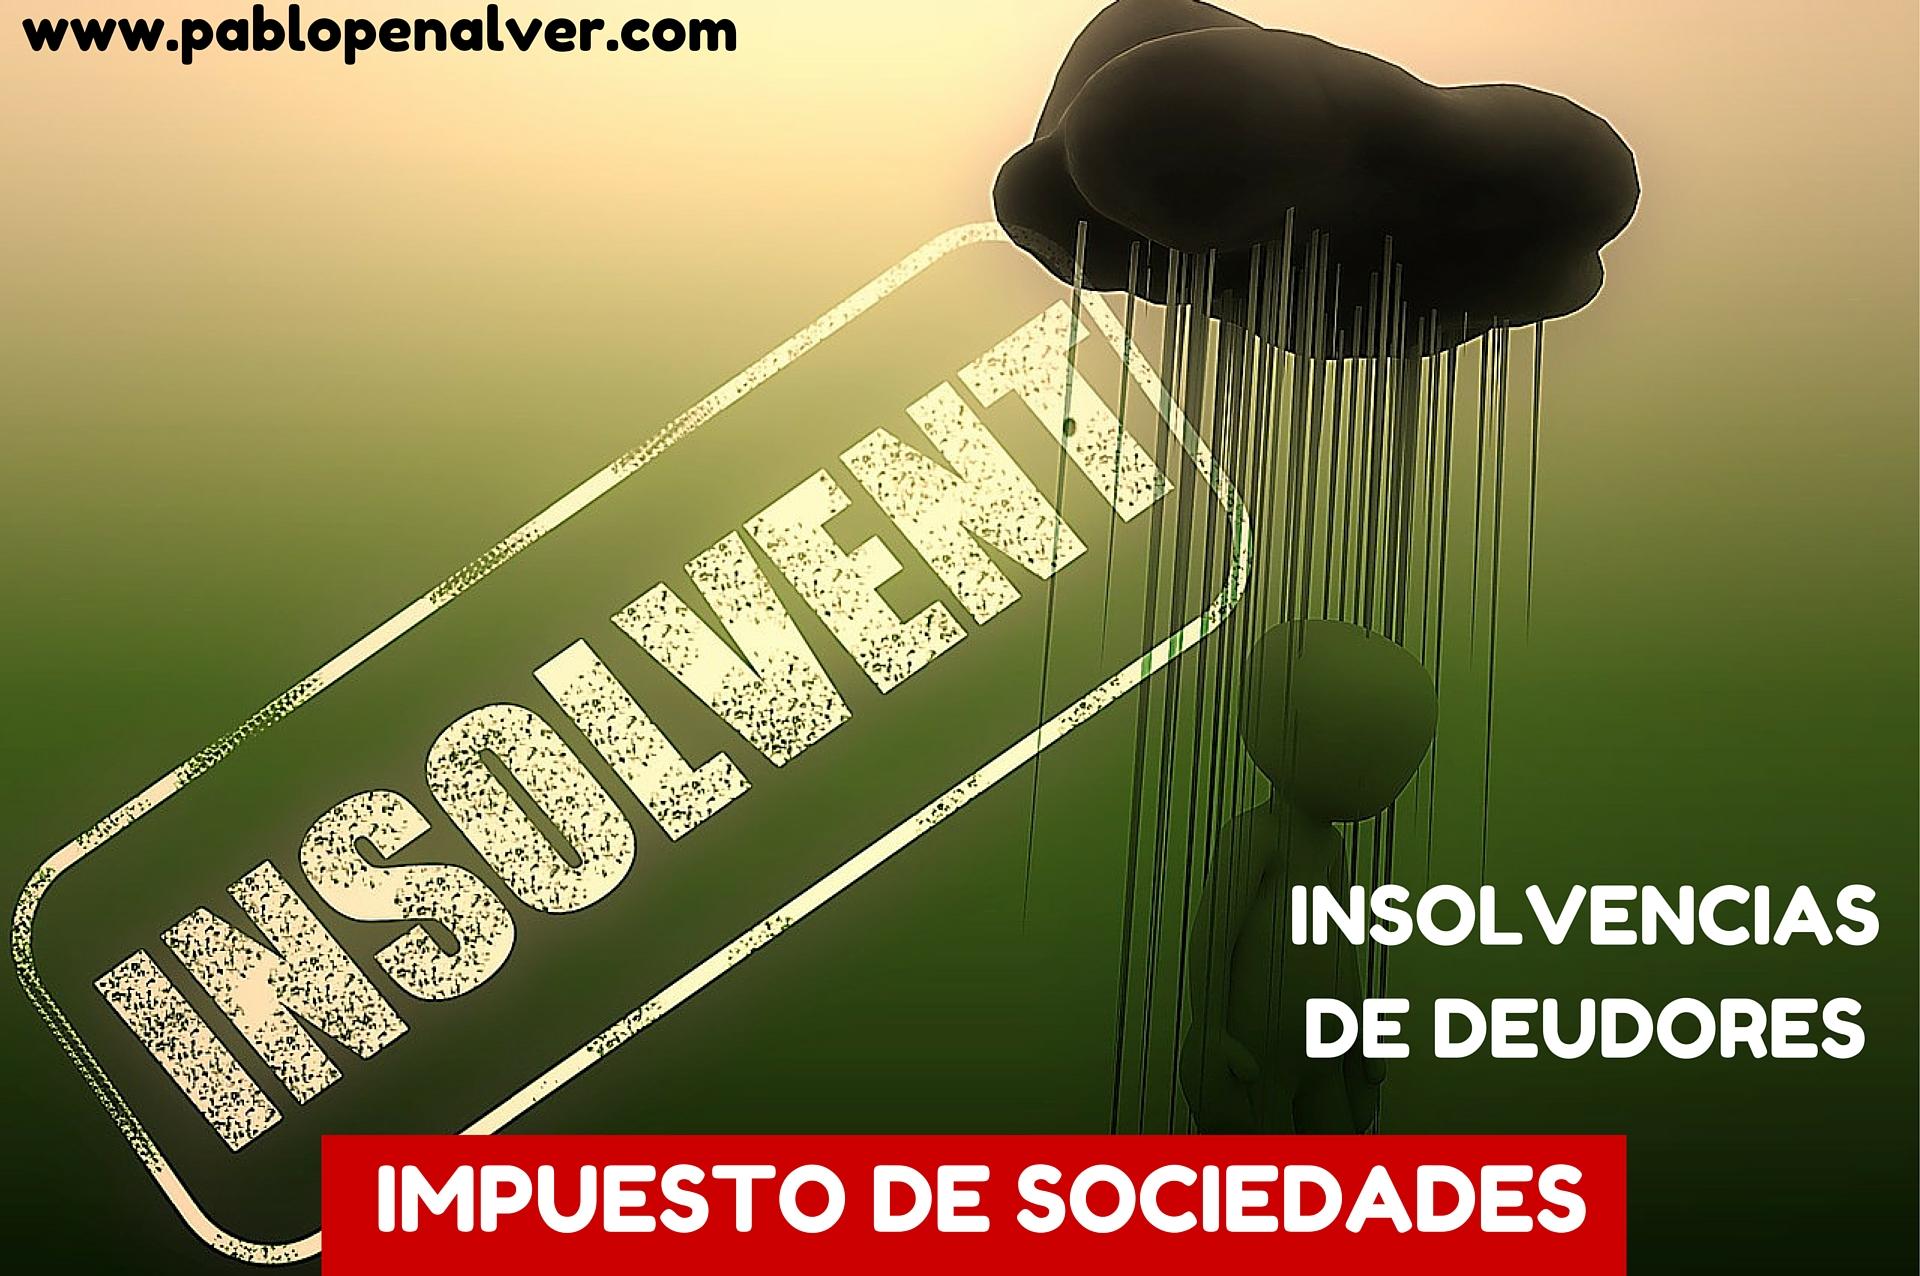 IS insolvencias